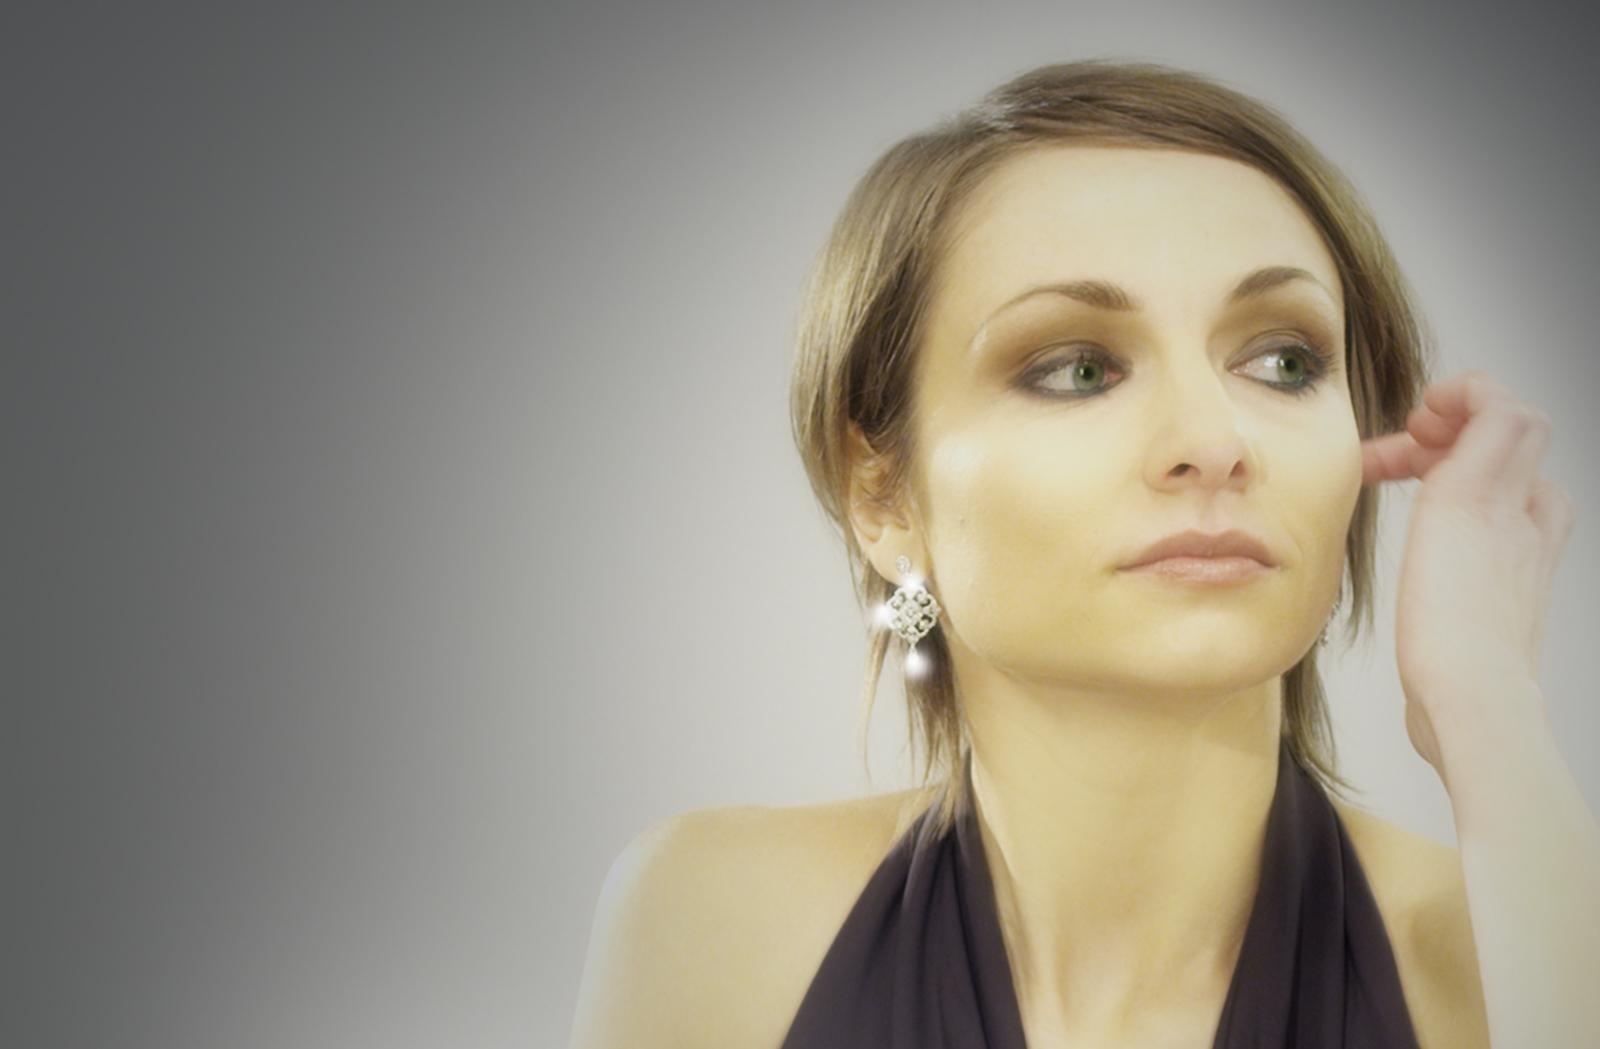 Vitali_CD Cover_NoText.jpg